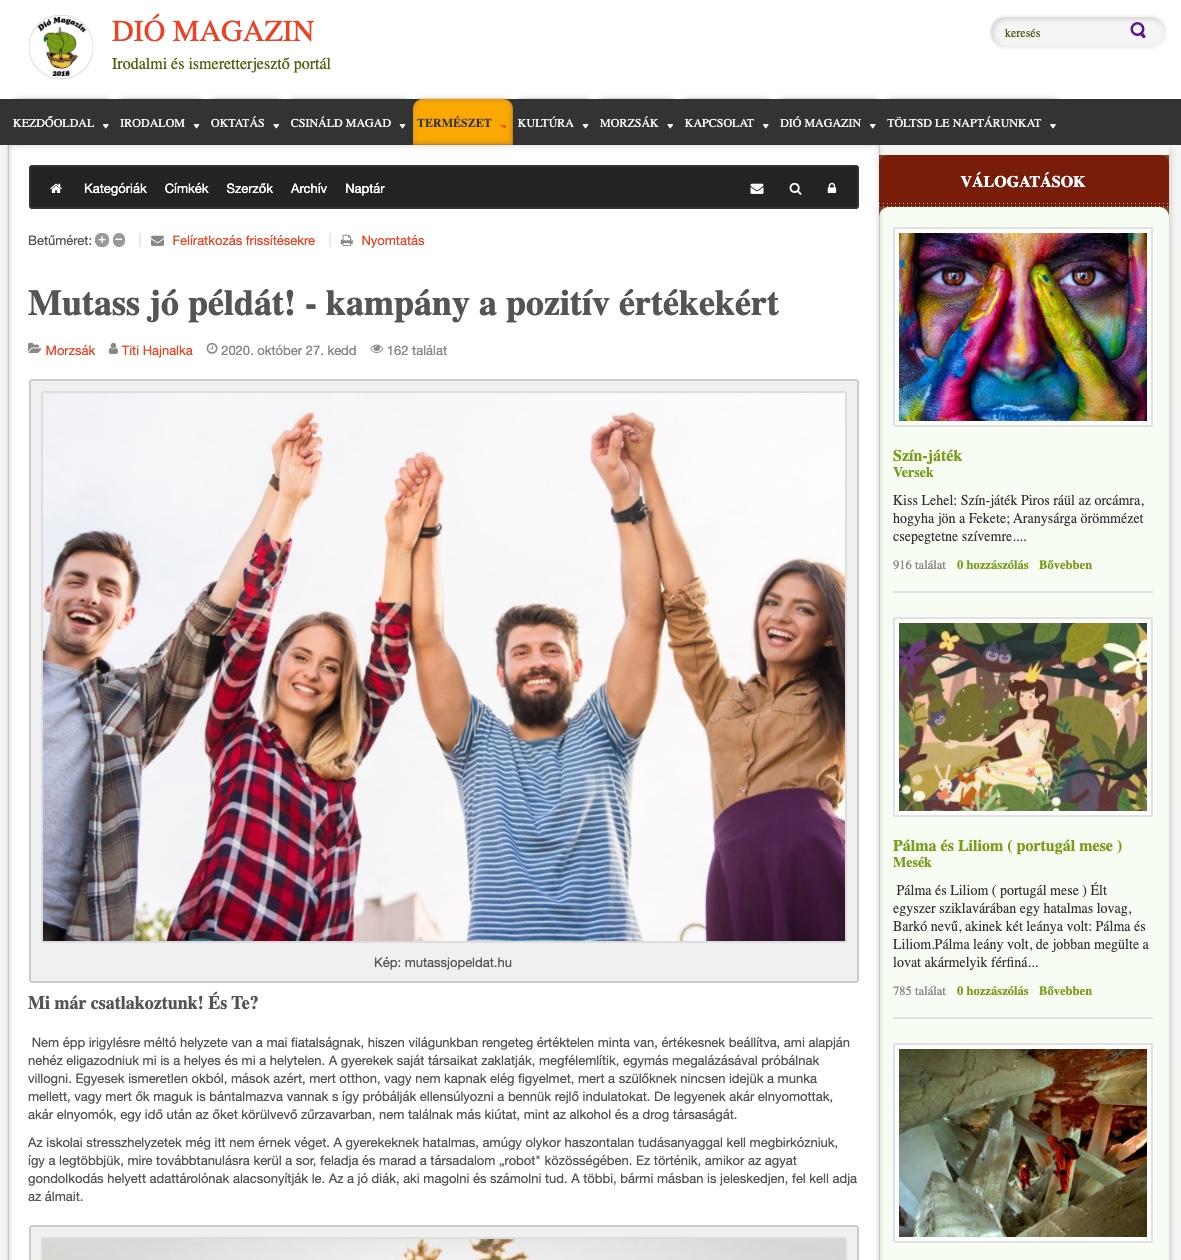 Mutass jó példát kampány médiamegjelenése a Dió Magazinban